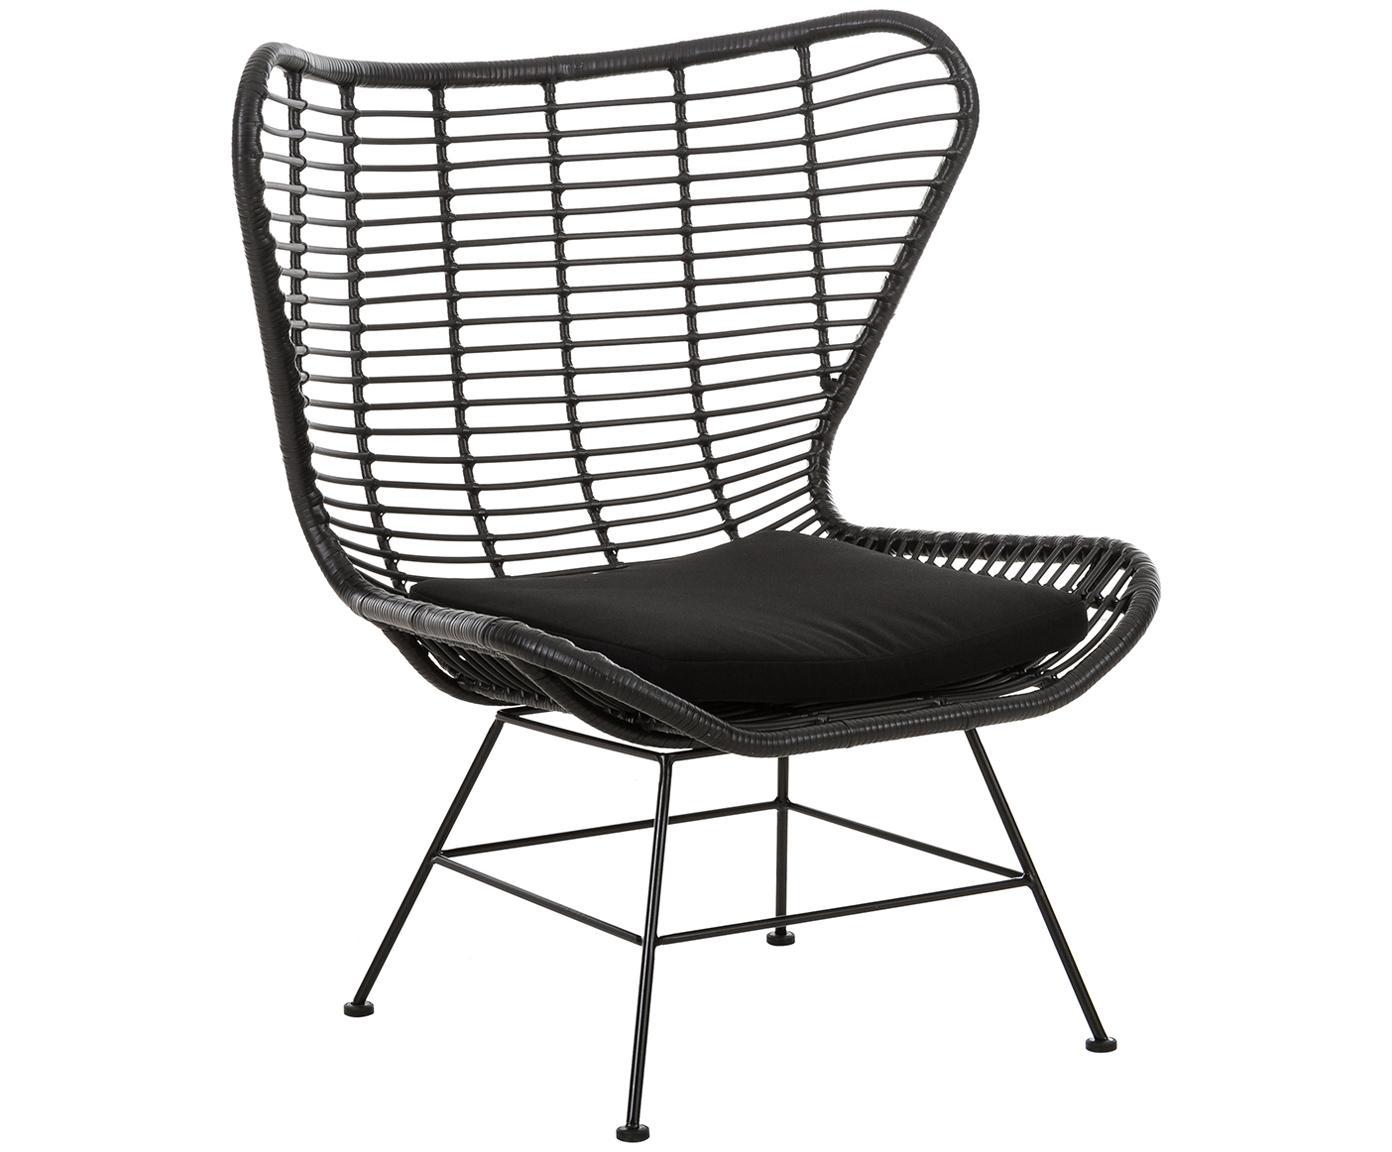 Sillón de exterior de mimbre Costa, Asiento: red de polietileno, Estructura: metal con pintura en polv, Negro, An 90 x F 89 cm